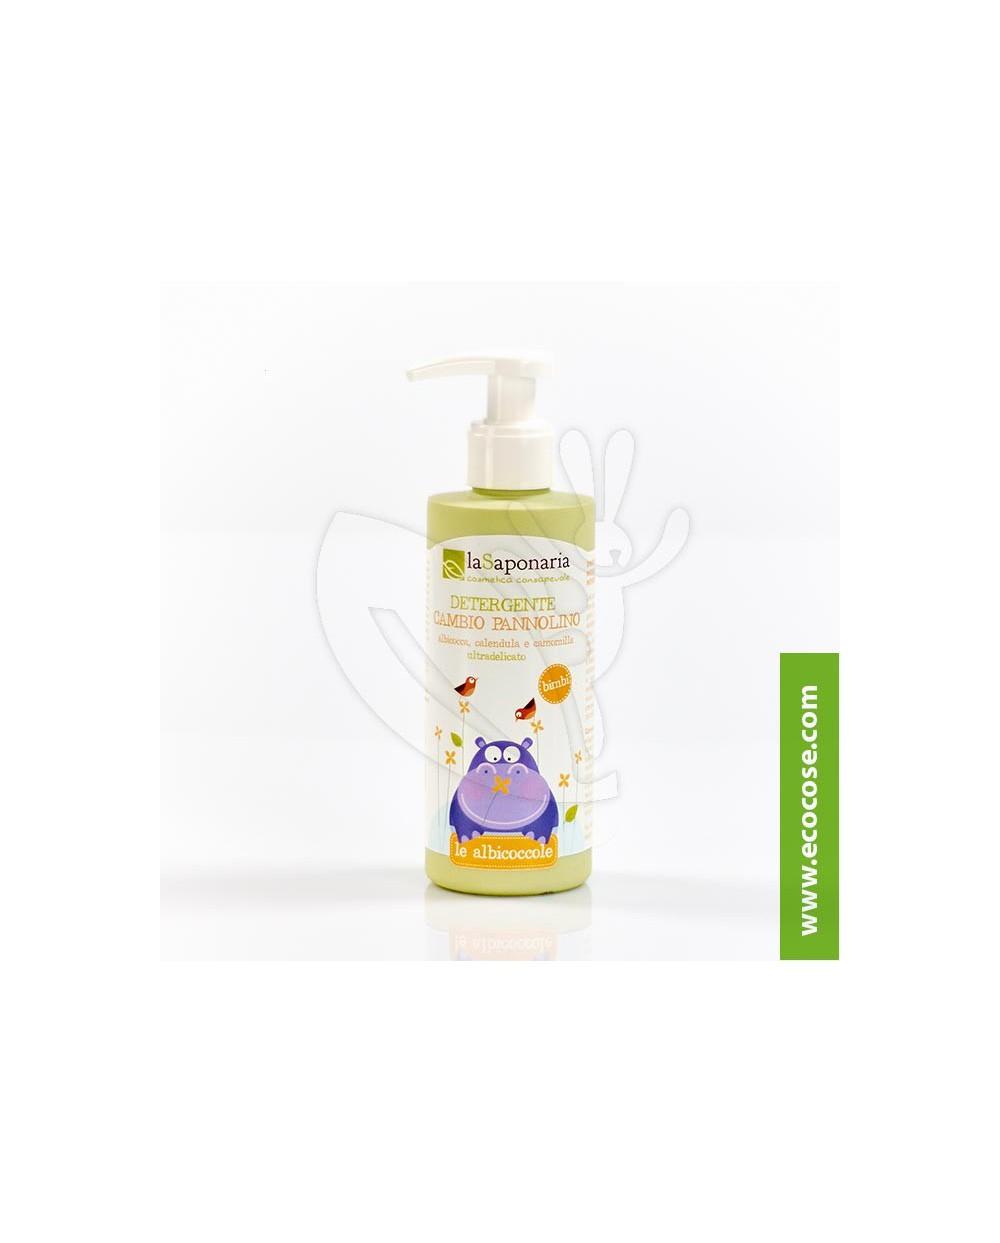 La Saponaria - Le Albicoccole - Bio Detergente  cambio pannolino